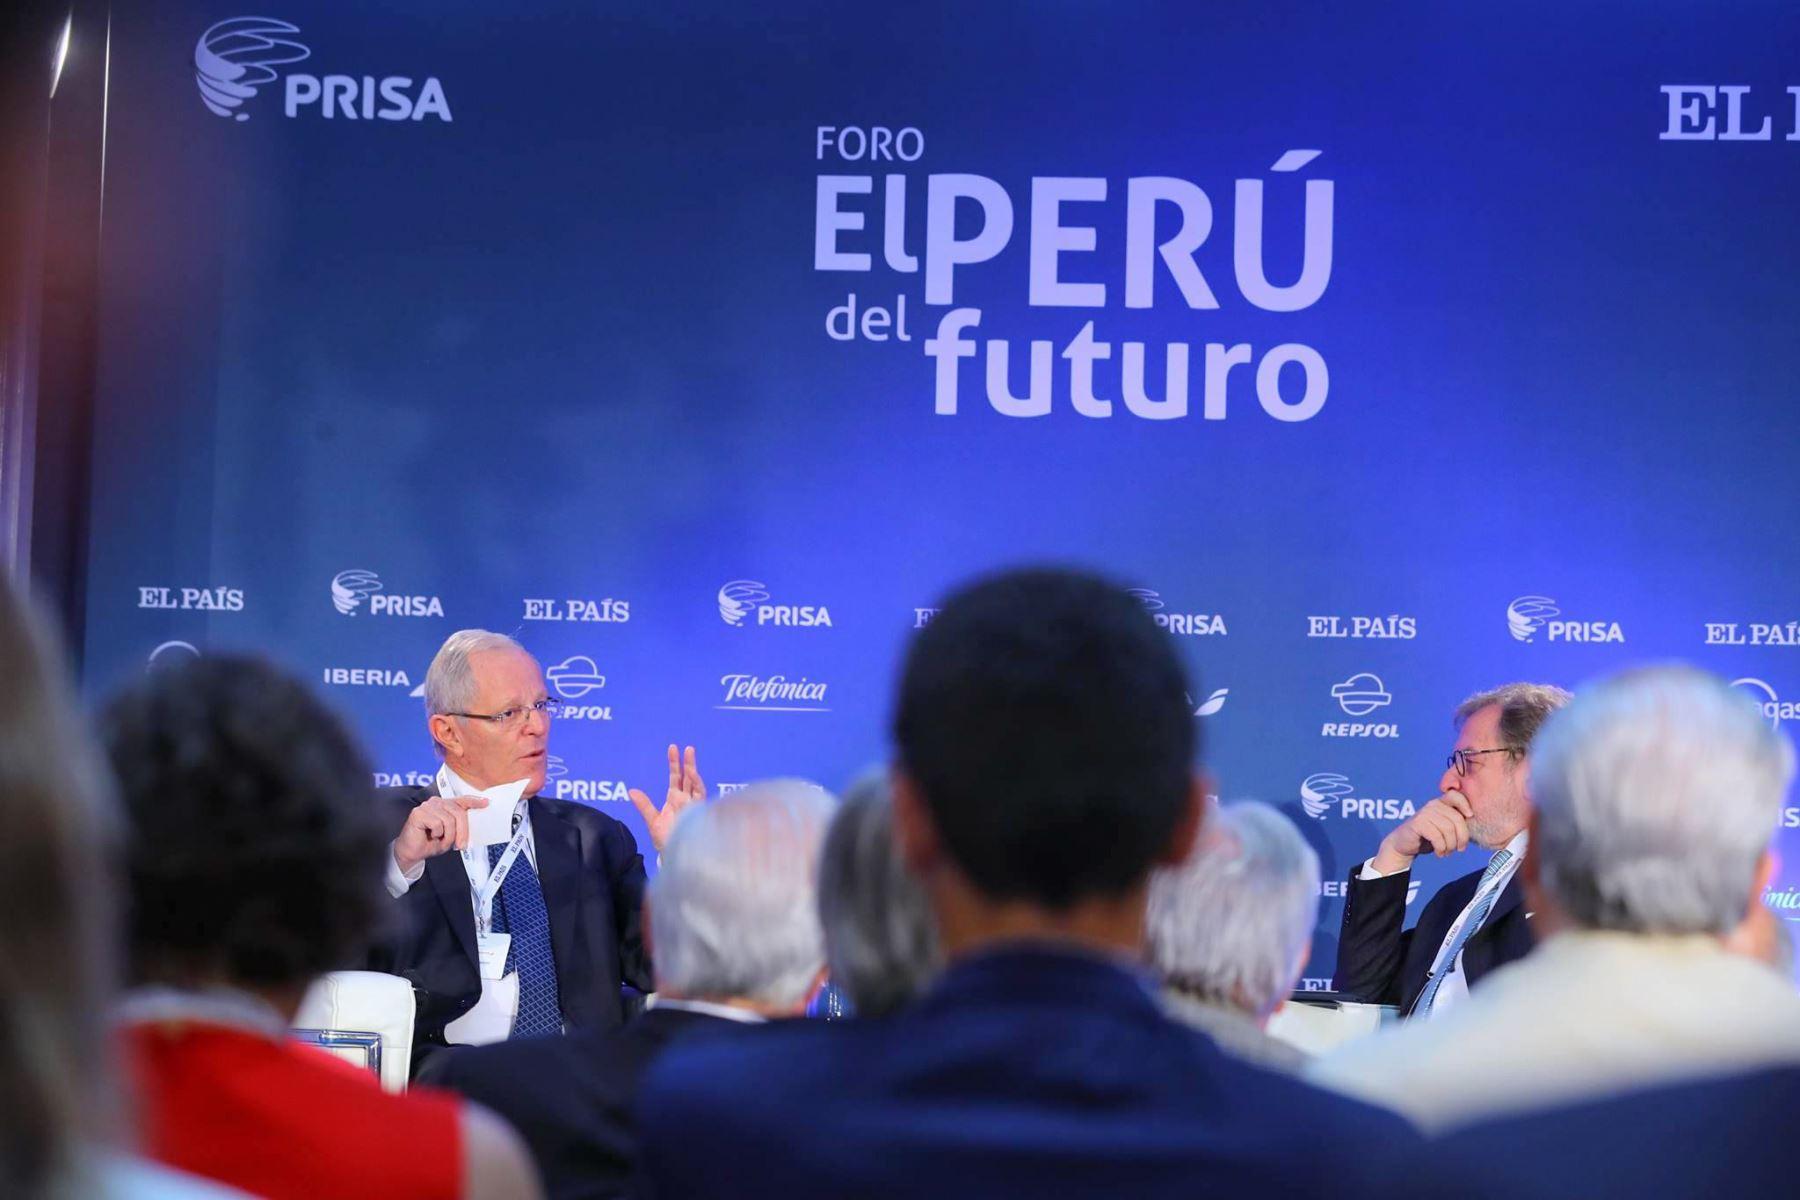 """El jefe del Estado, Pedro Pablo Kuczynski, participa del foro """"El Perú del Futuro"""", organizado por el Grupo Prisa, en Madrid. Foto: ANDINA/ Andres Valle - Presidencia"""